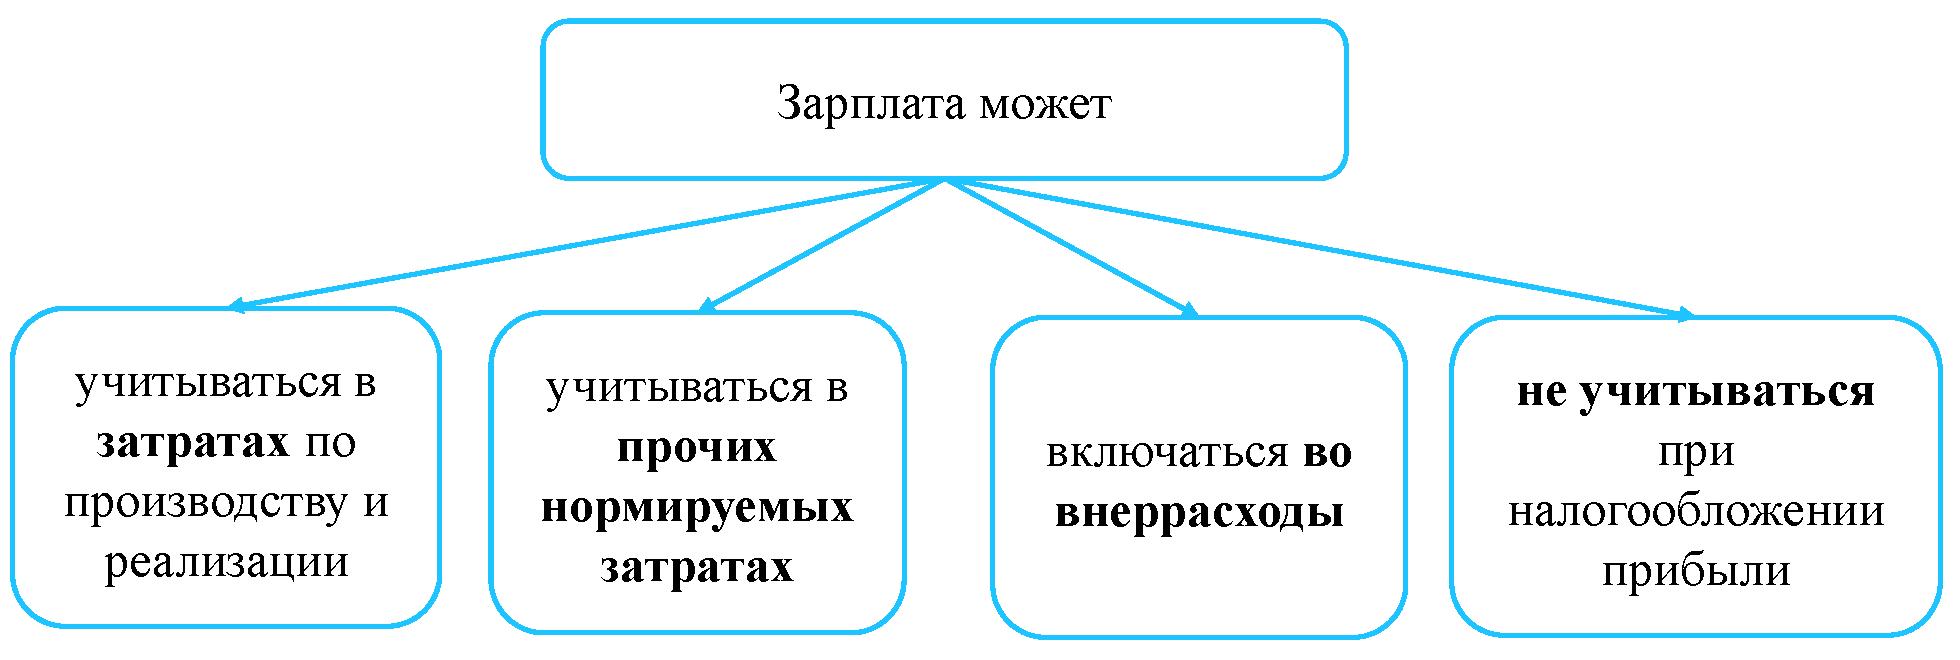 Договор уступки права требования недвижимости образец